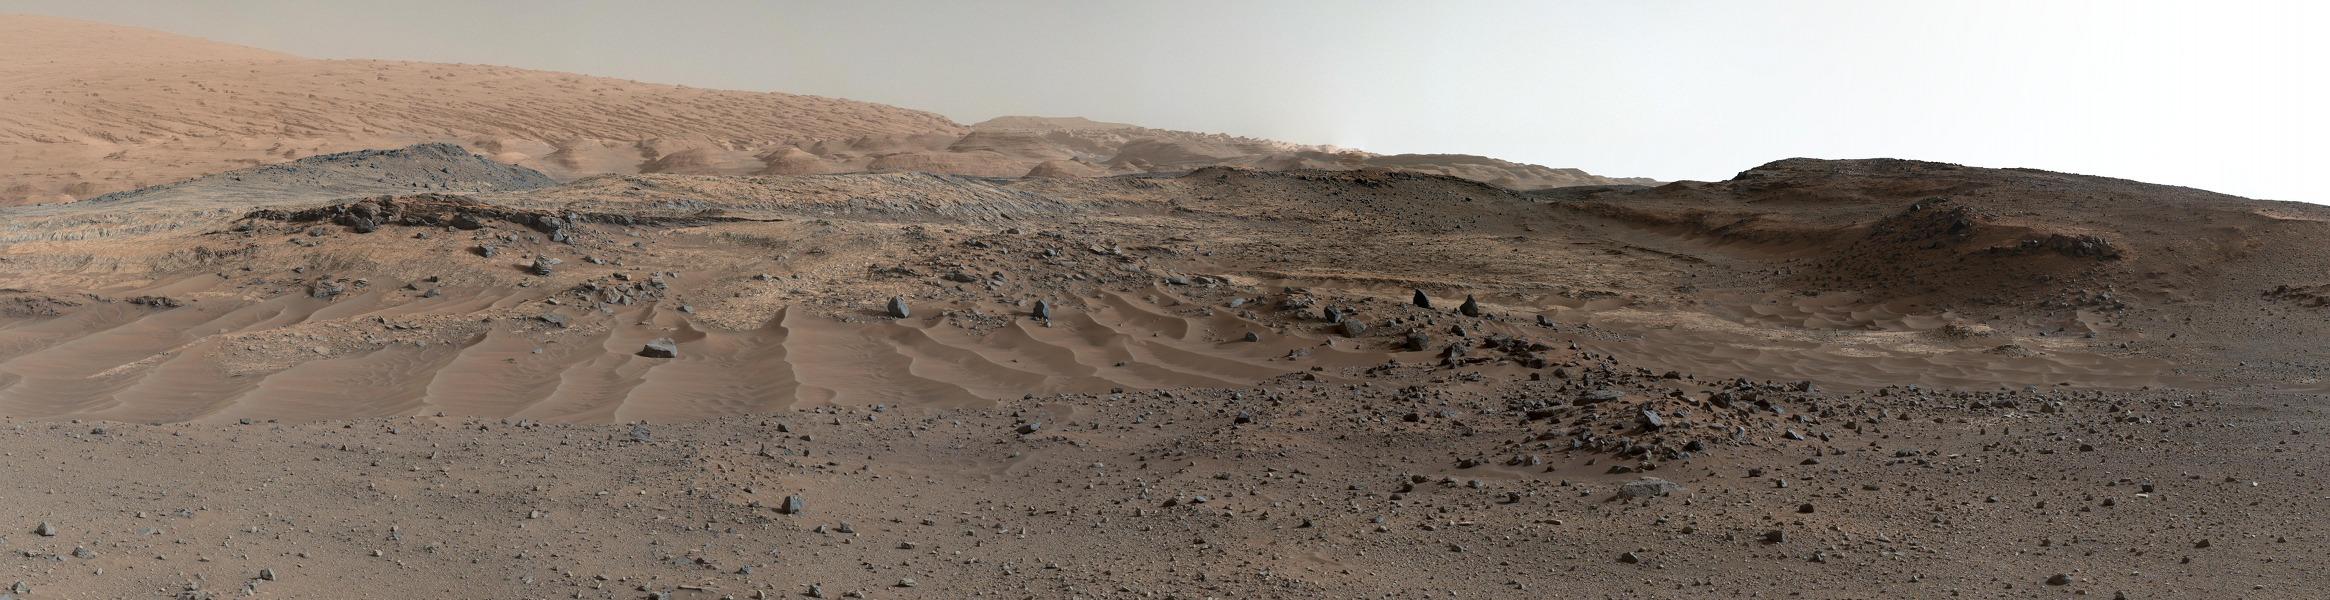 Vista del Curiosity